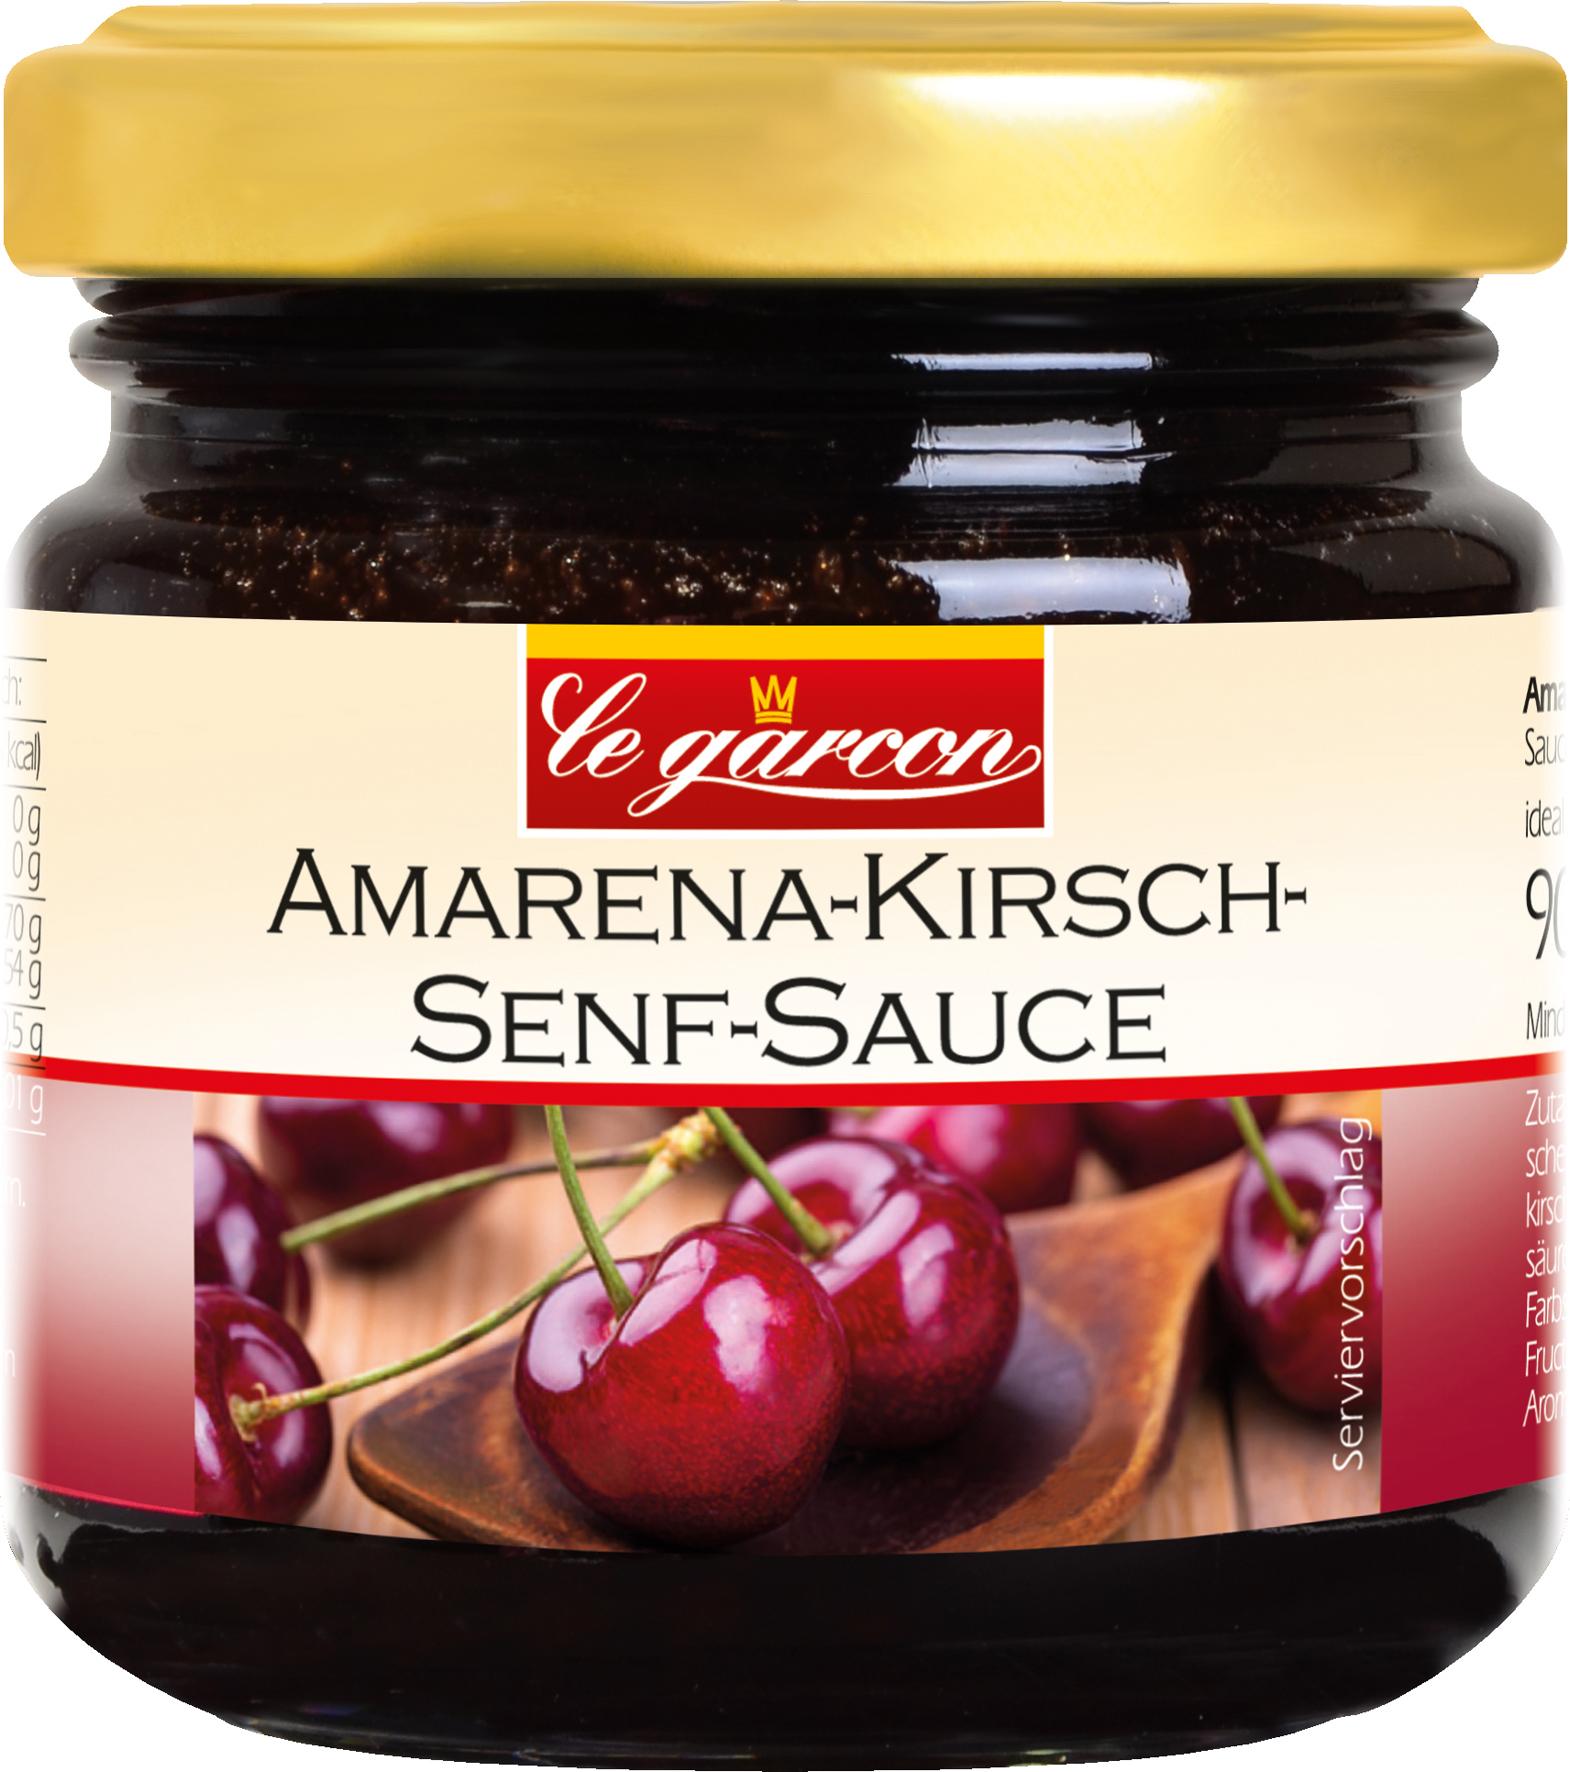 le-garcon-amarena-kirsch-senf-sauce-120-g-im-glas-2-er-set, 5.49 EUR @ gourvita-com